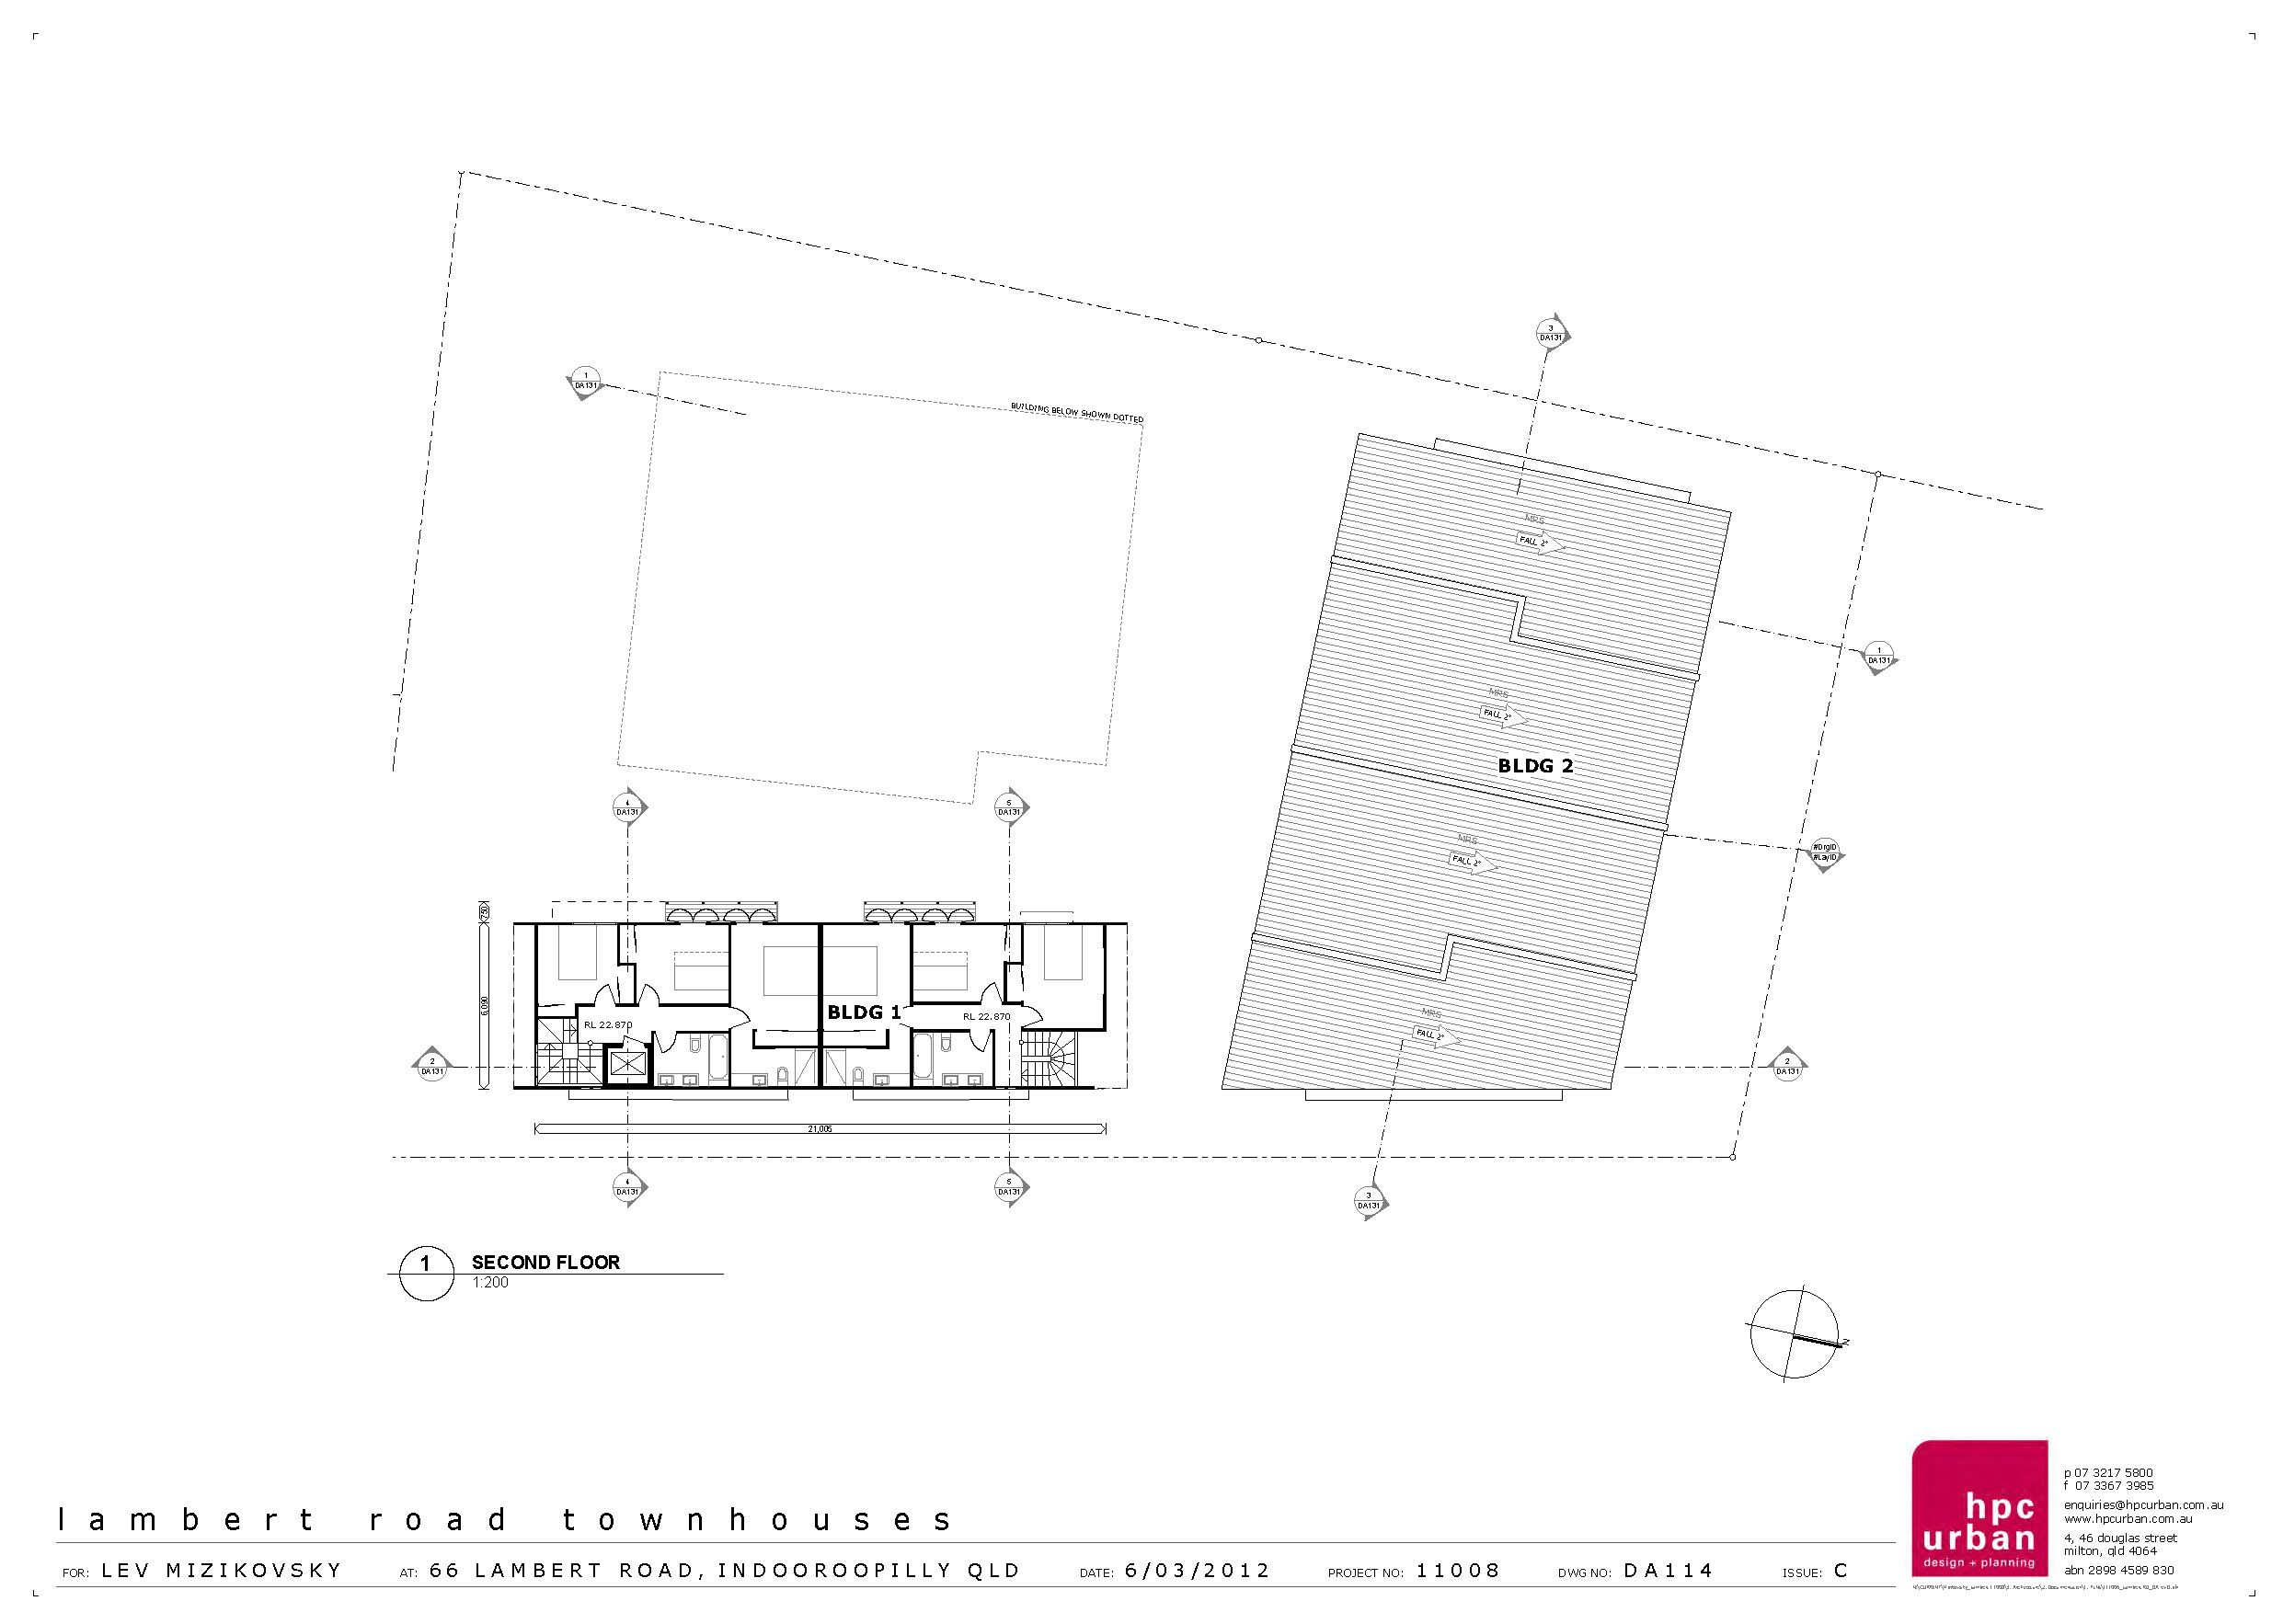 66 Lambert Road Indooroopilly 4068